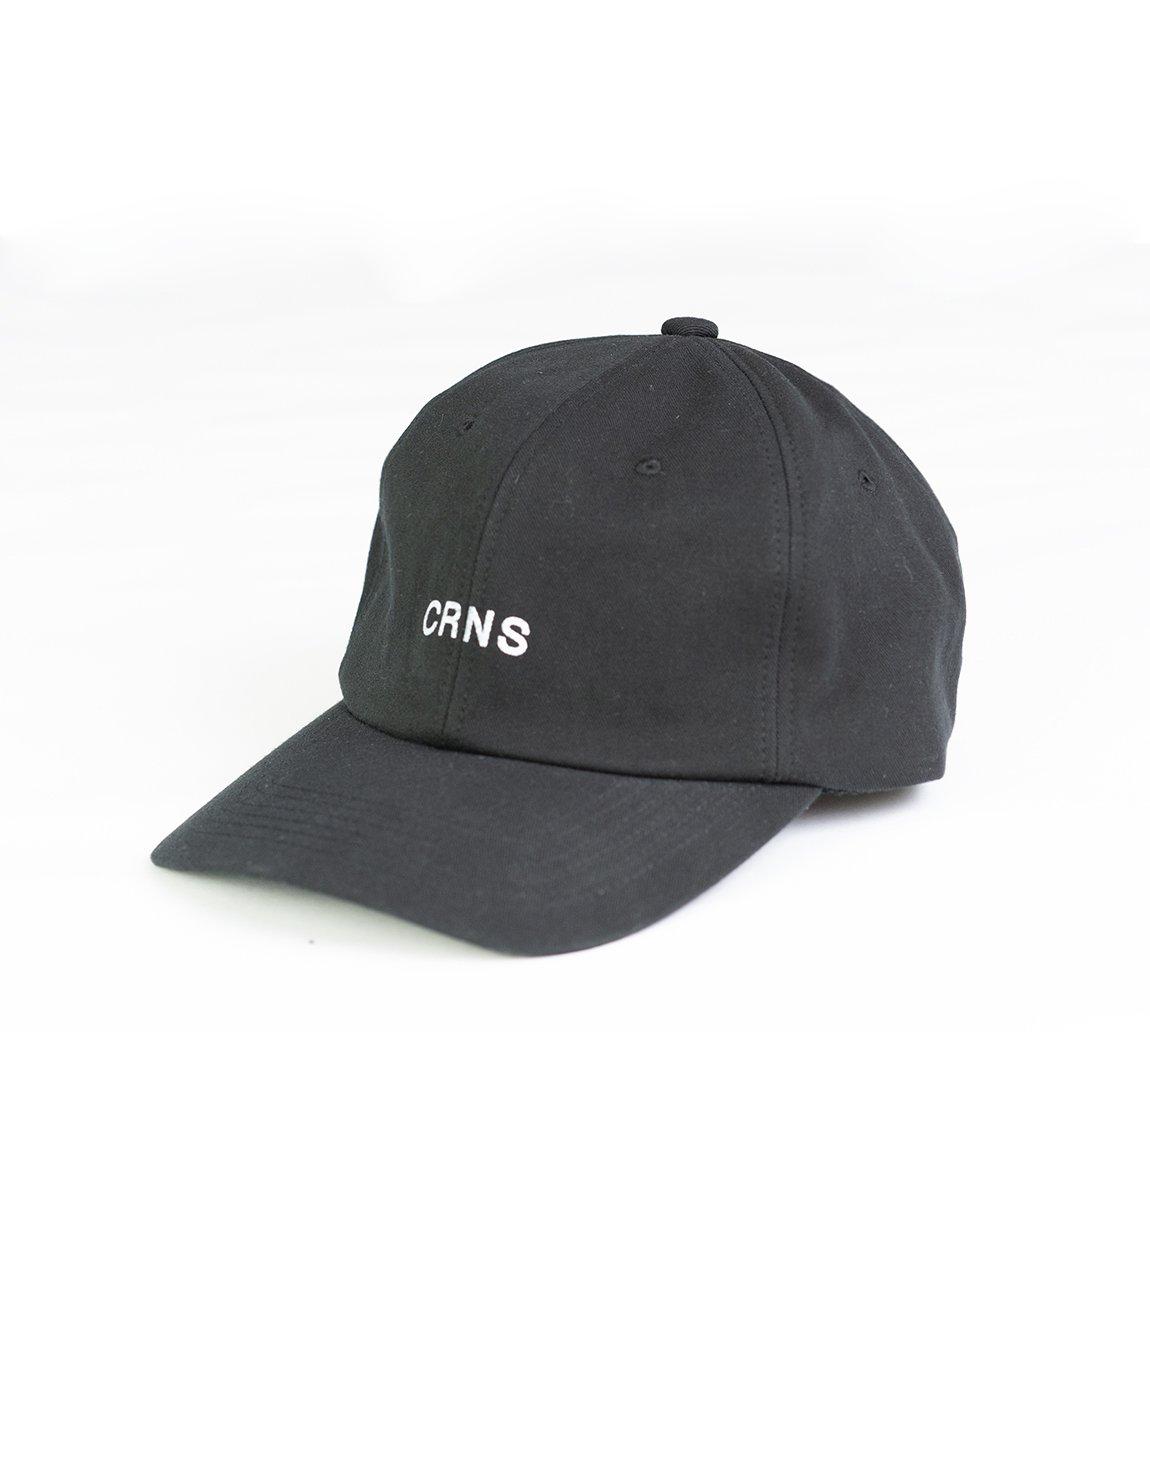 CRNS WASH LOGO CAP BLACK